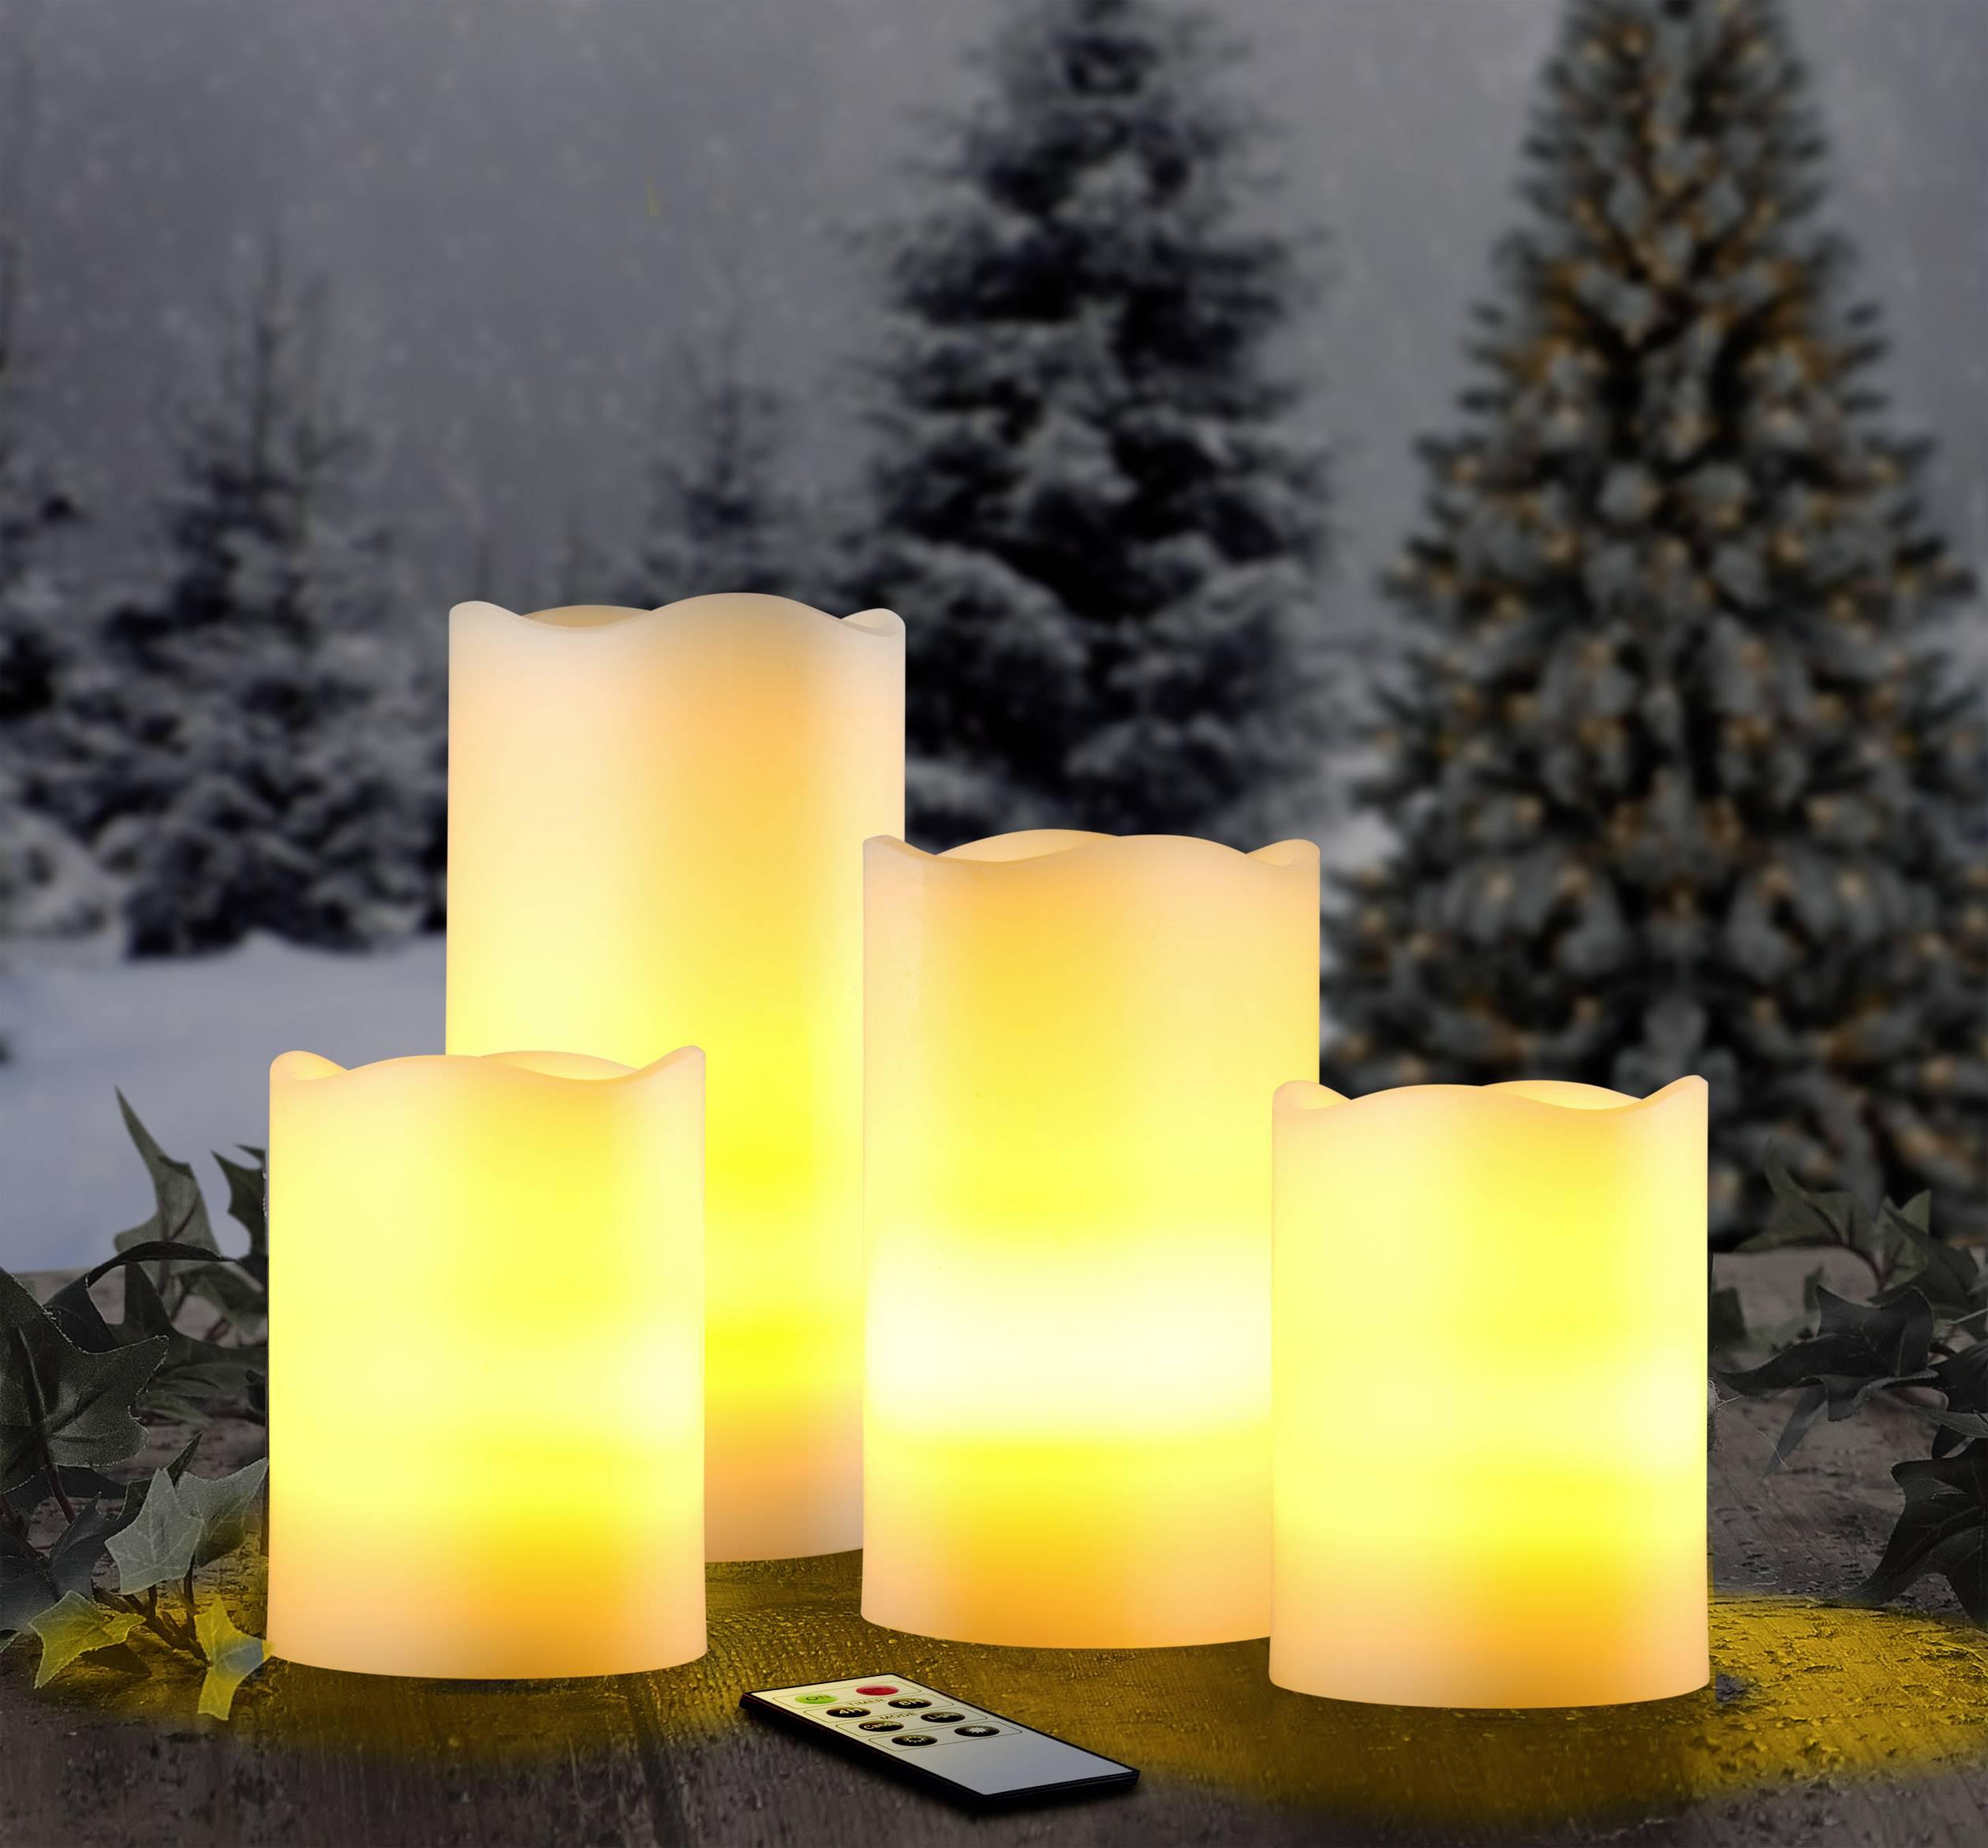 Vnitřní/venkovní LED svíčky Polarlite 001438214, 3 ks, bílá